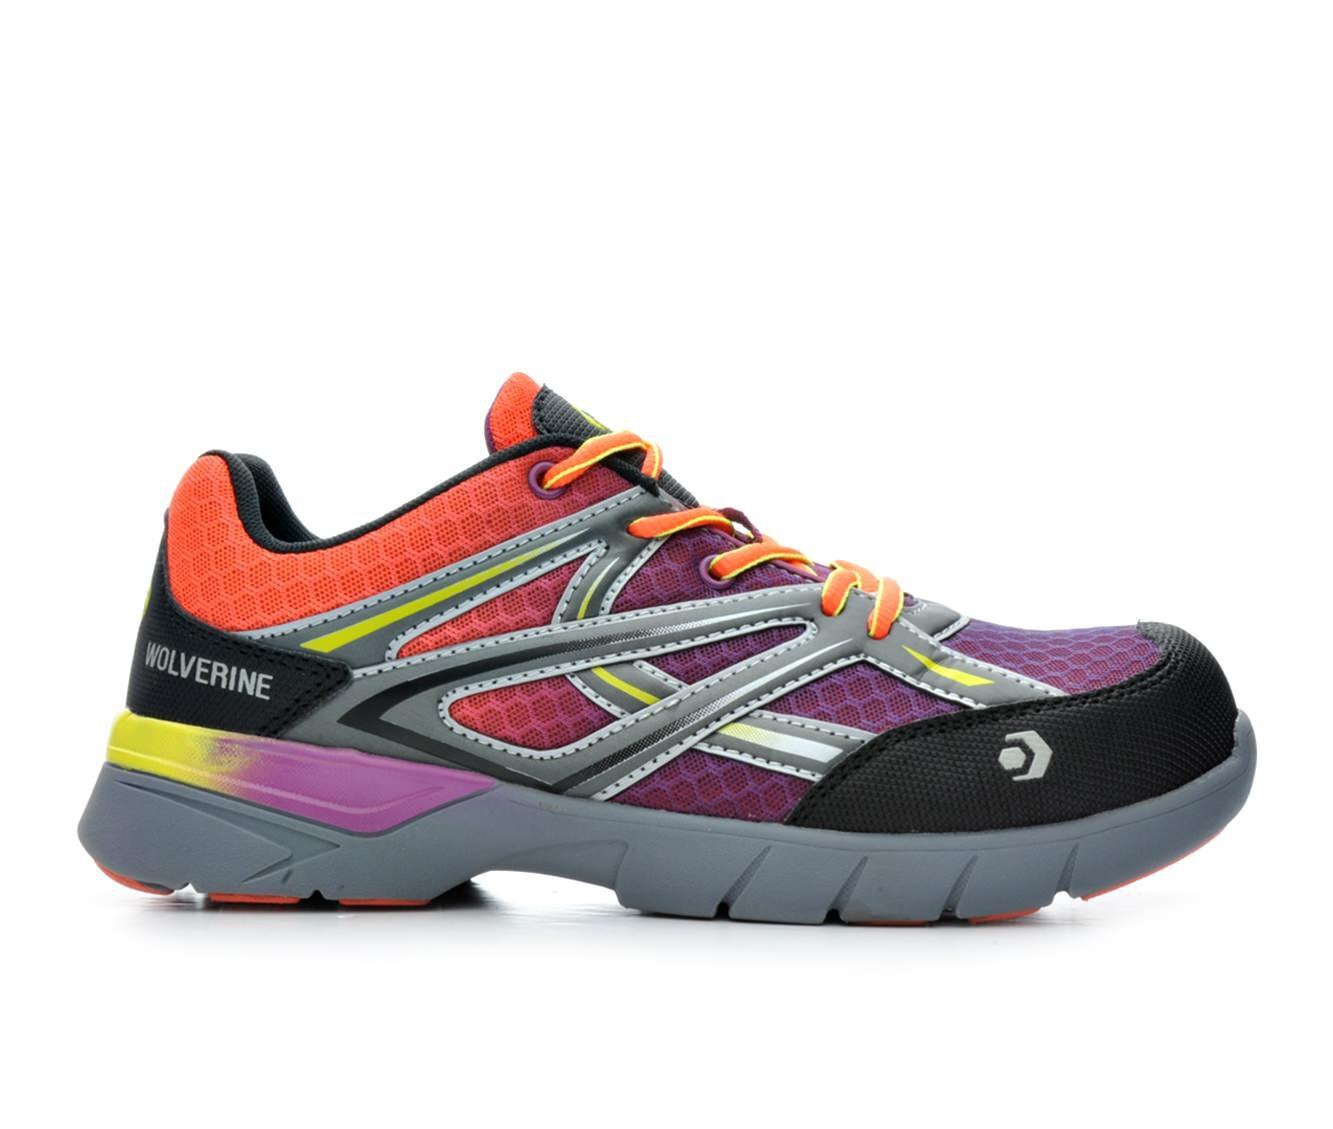 buy latest style Women's Wolverine 10693 Jetstream Composite Toe Waterproof Work Shoes Orange/Purple